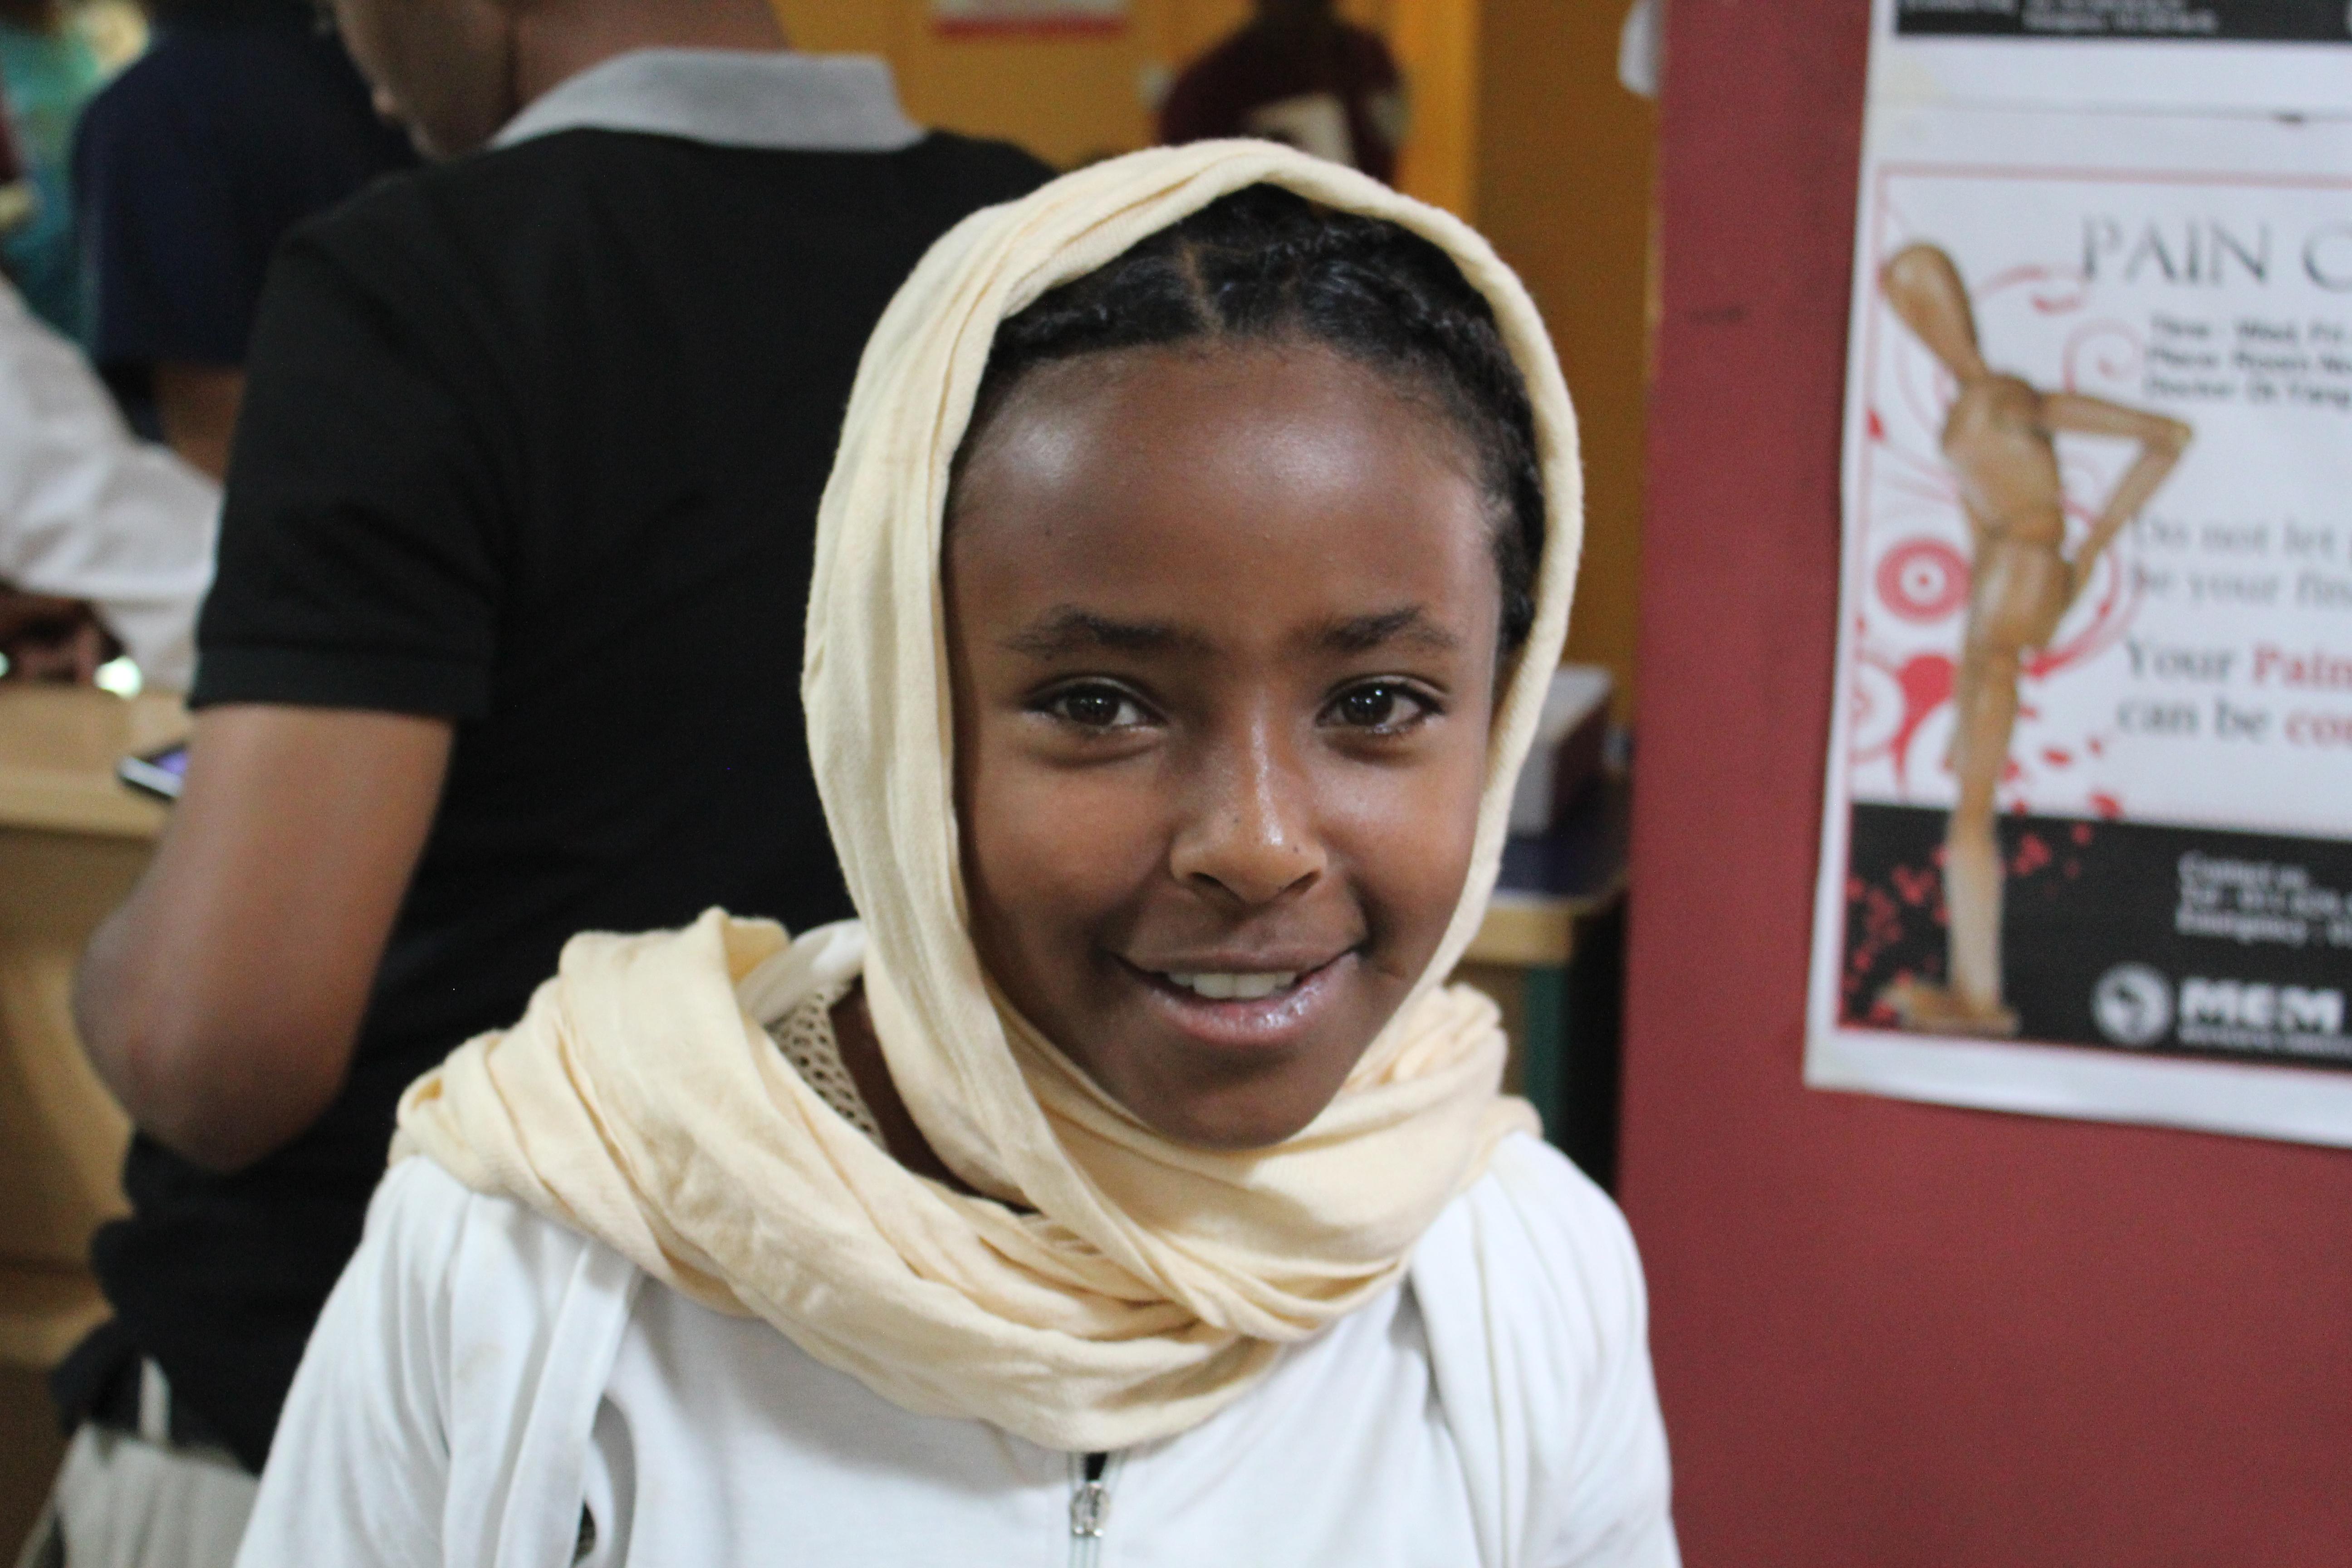 Preventing High Risk Scoliosis Progression in Ethiopia